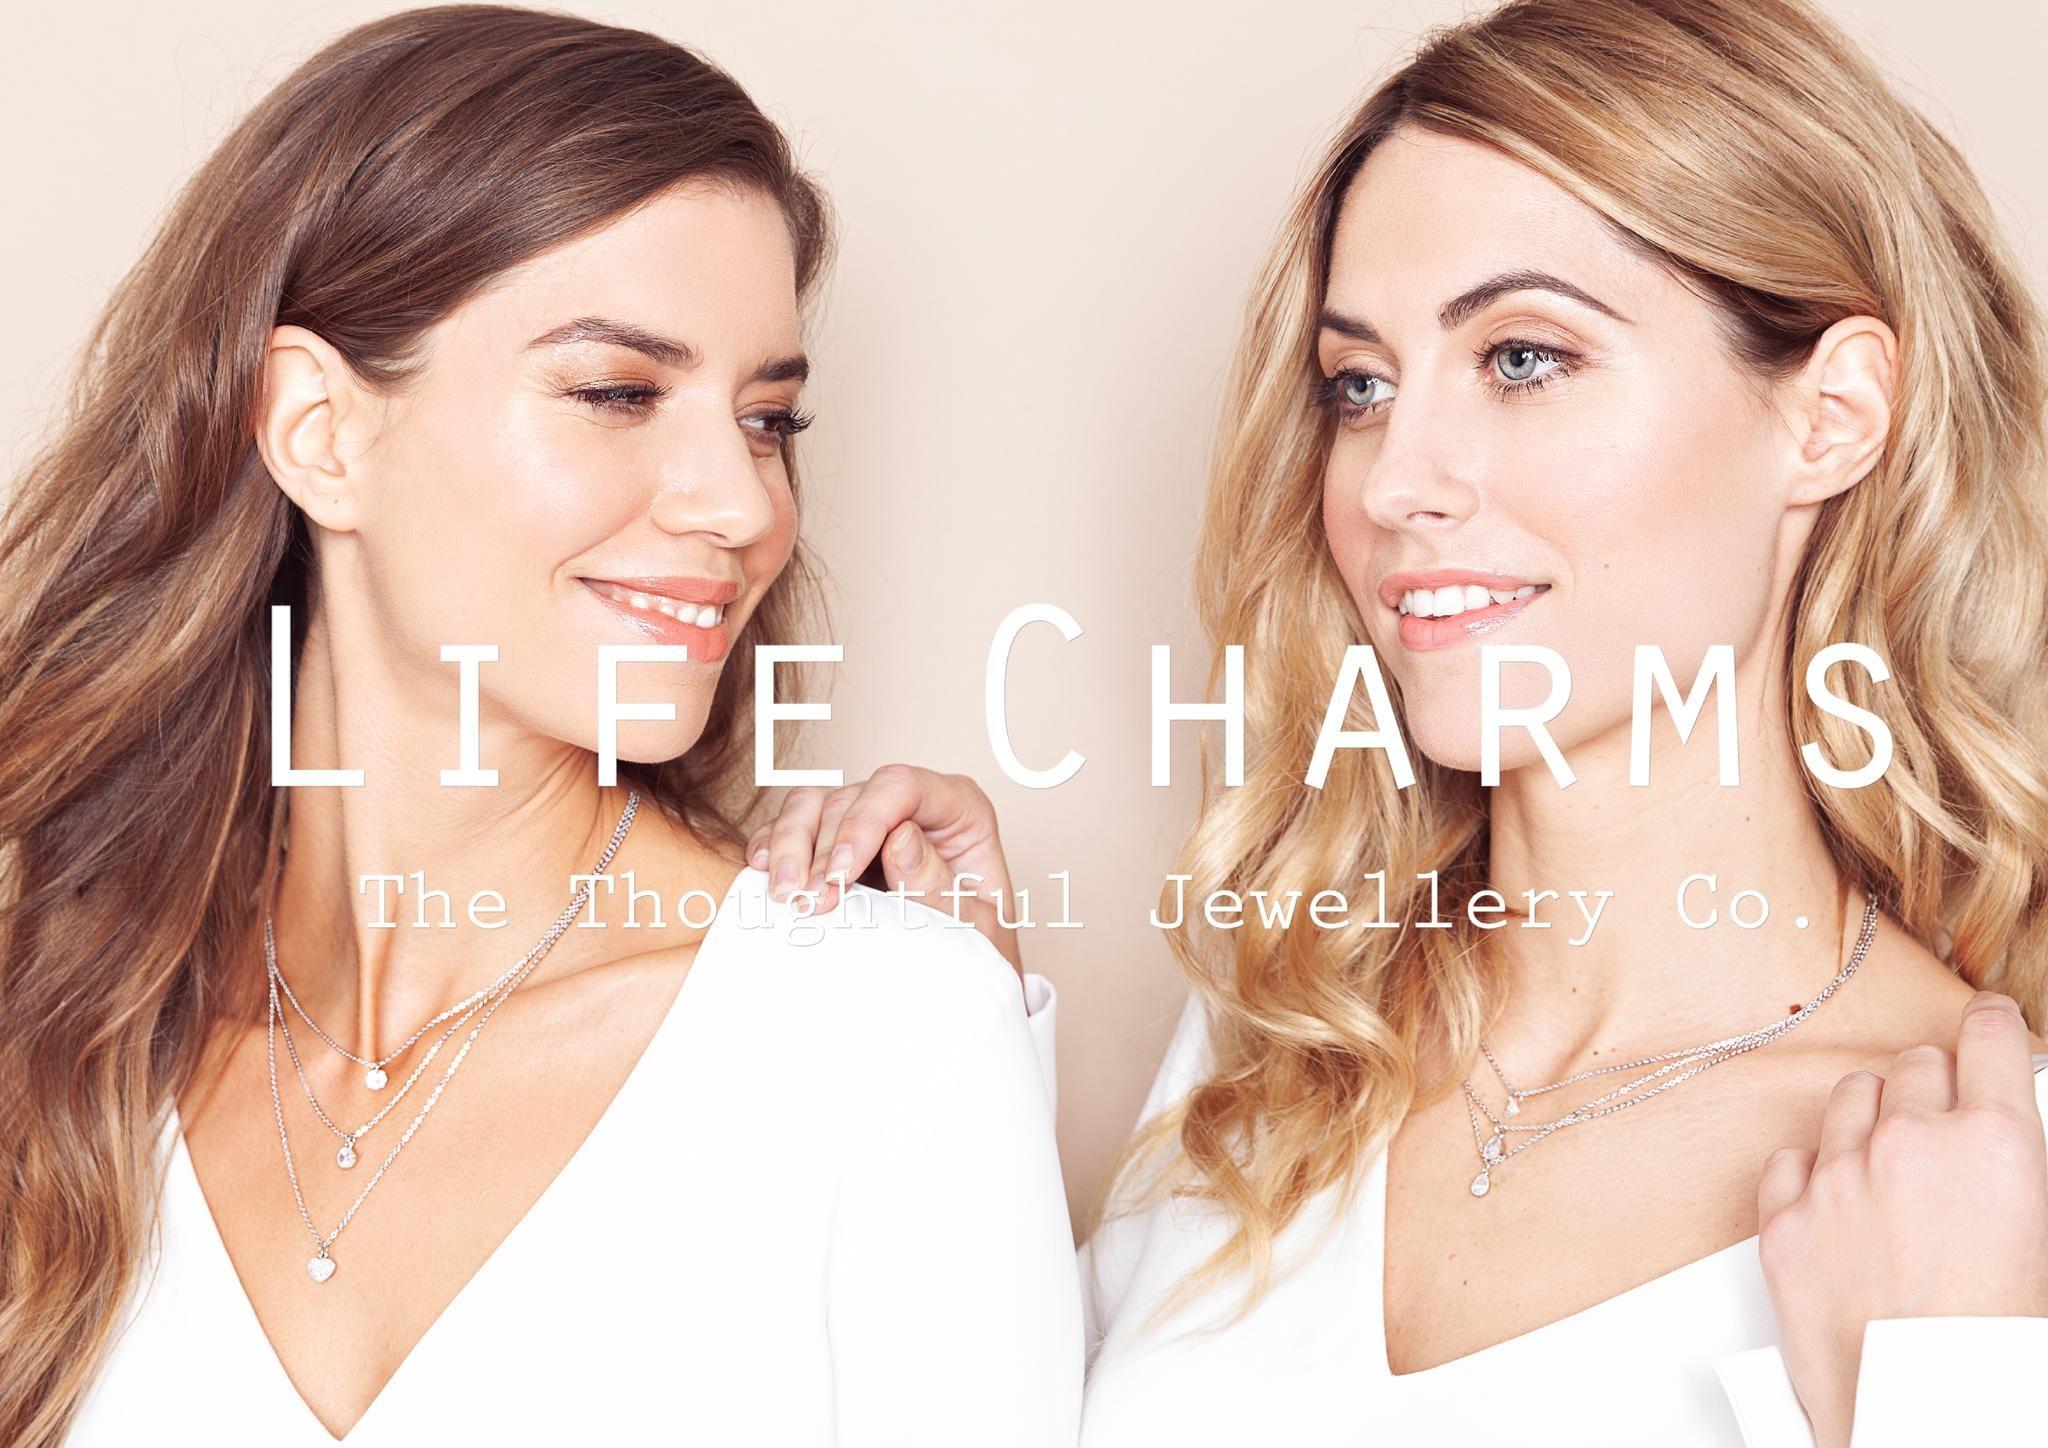 Life Charms